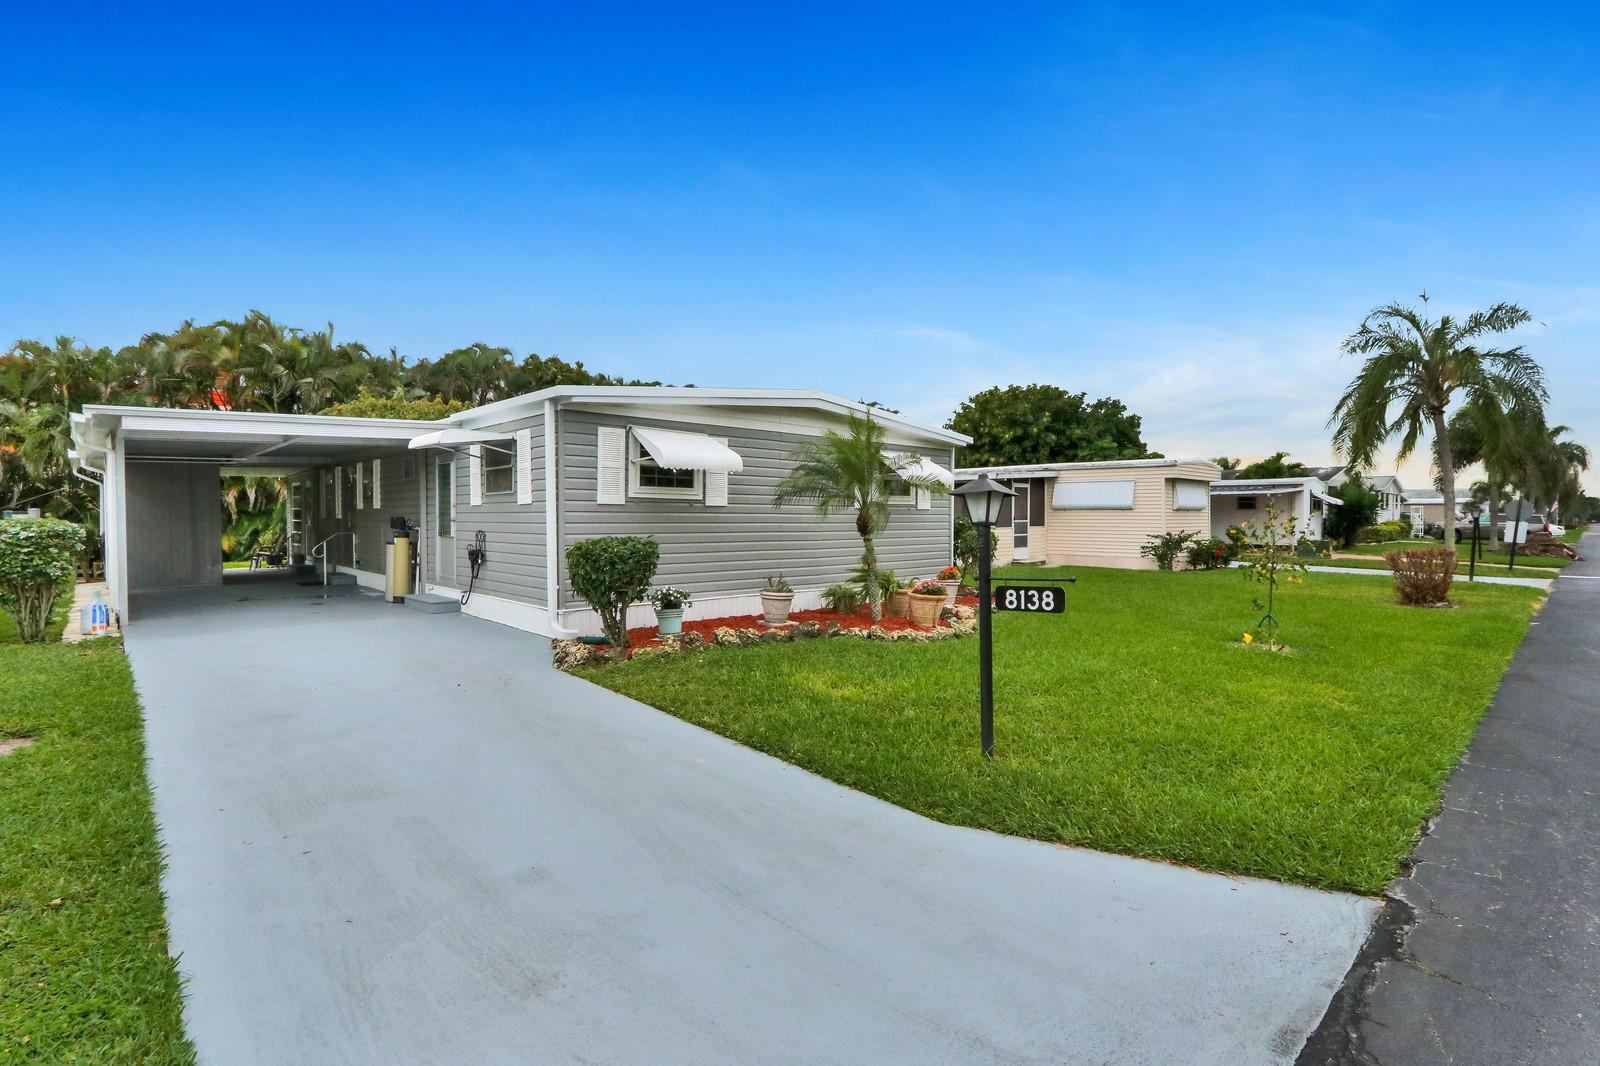 8138 South St, Boca Raton, FL, 33433